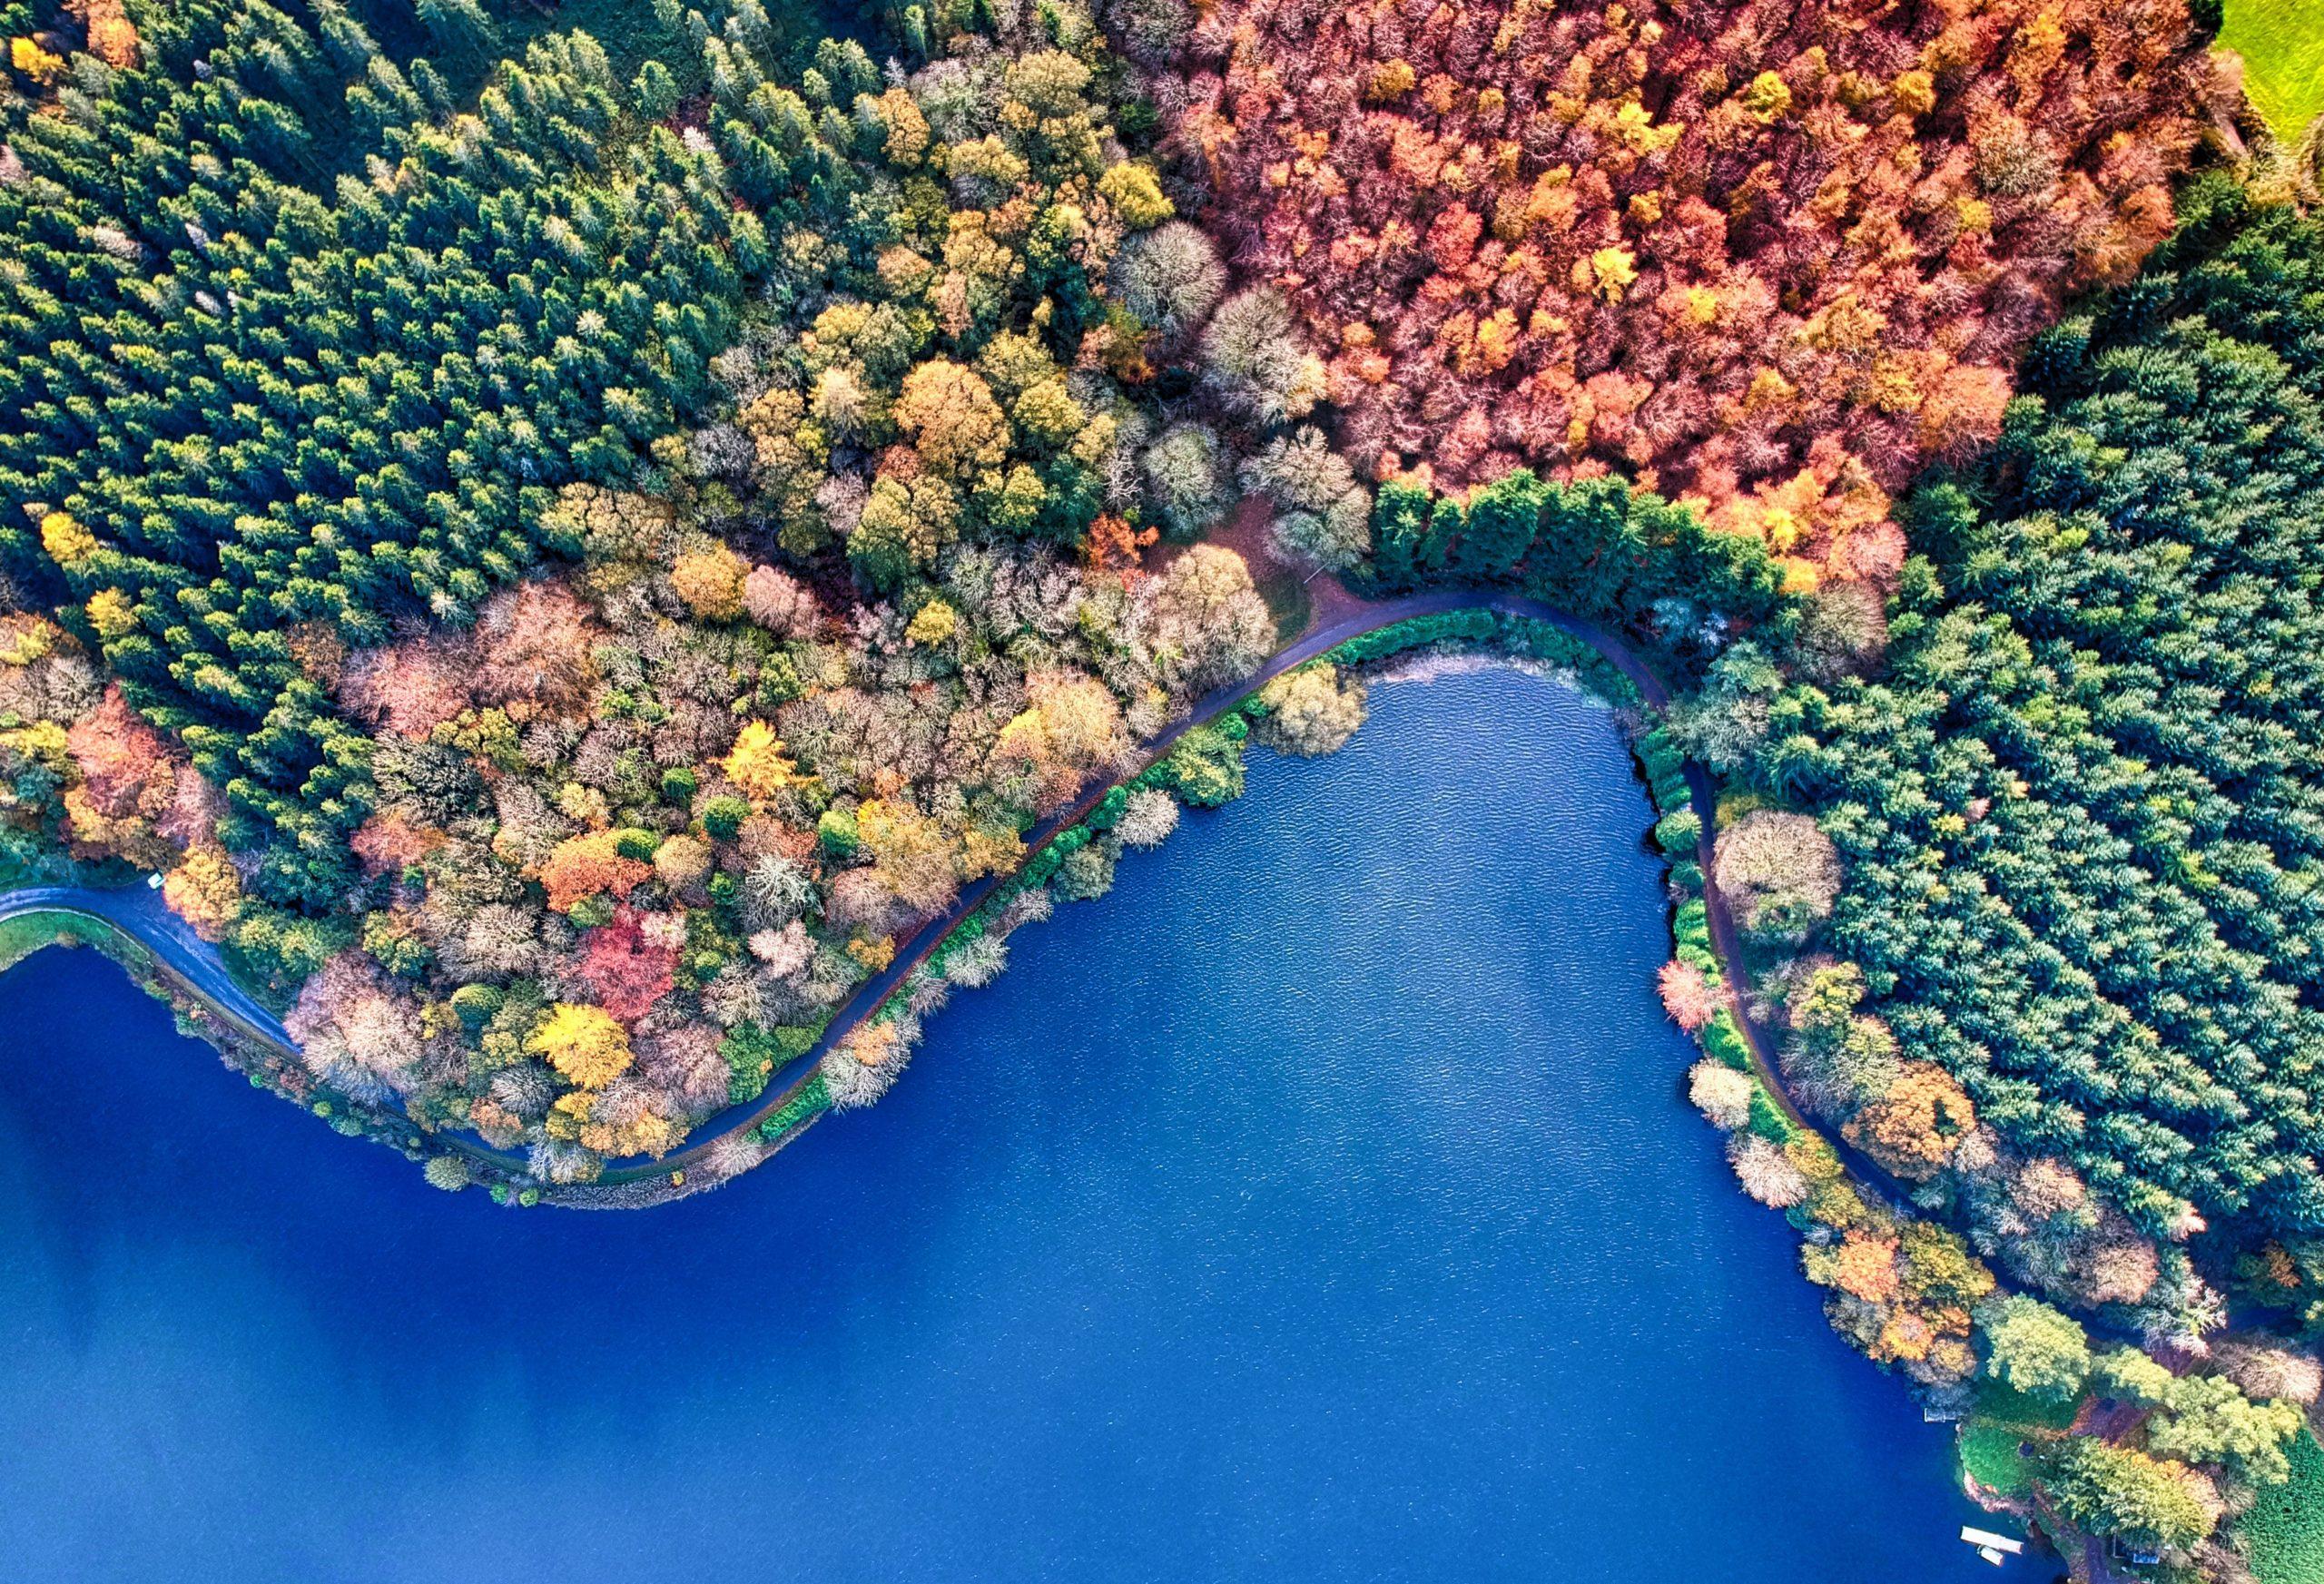 8 ans de Venture Capital dans l'environnement : où en est-on aujourd'hui ?